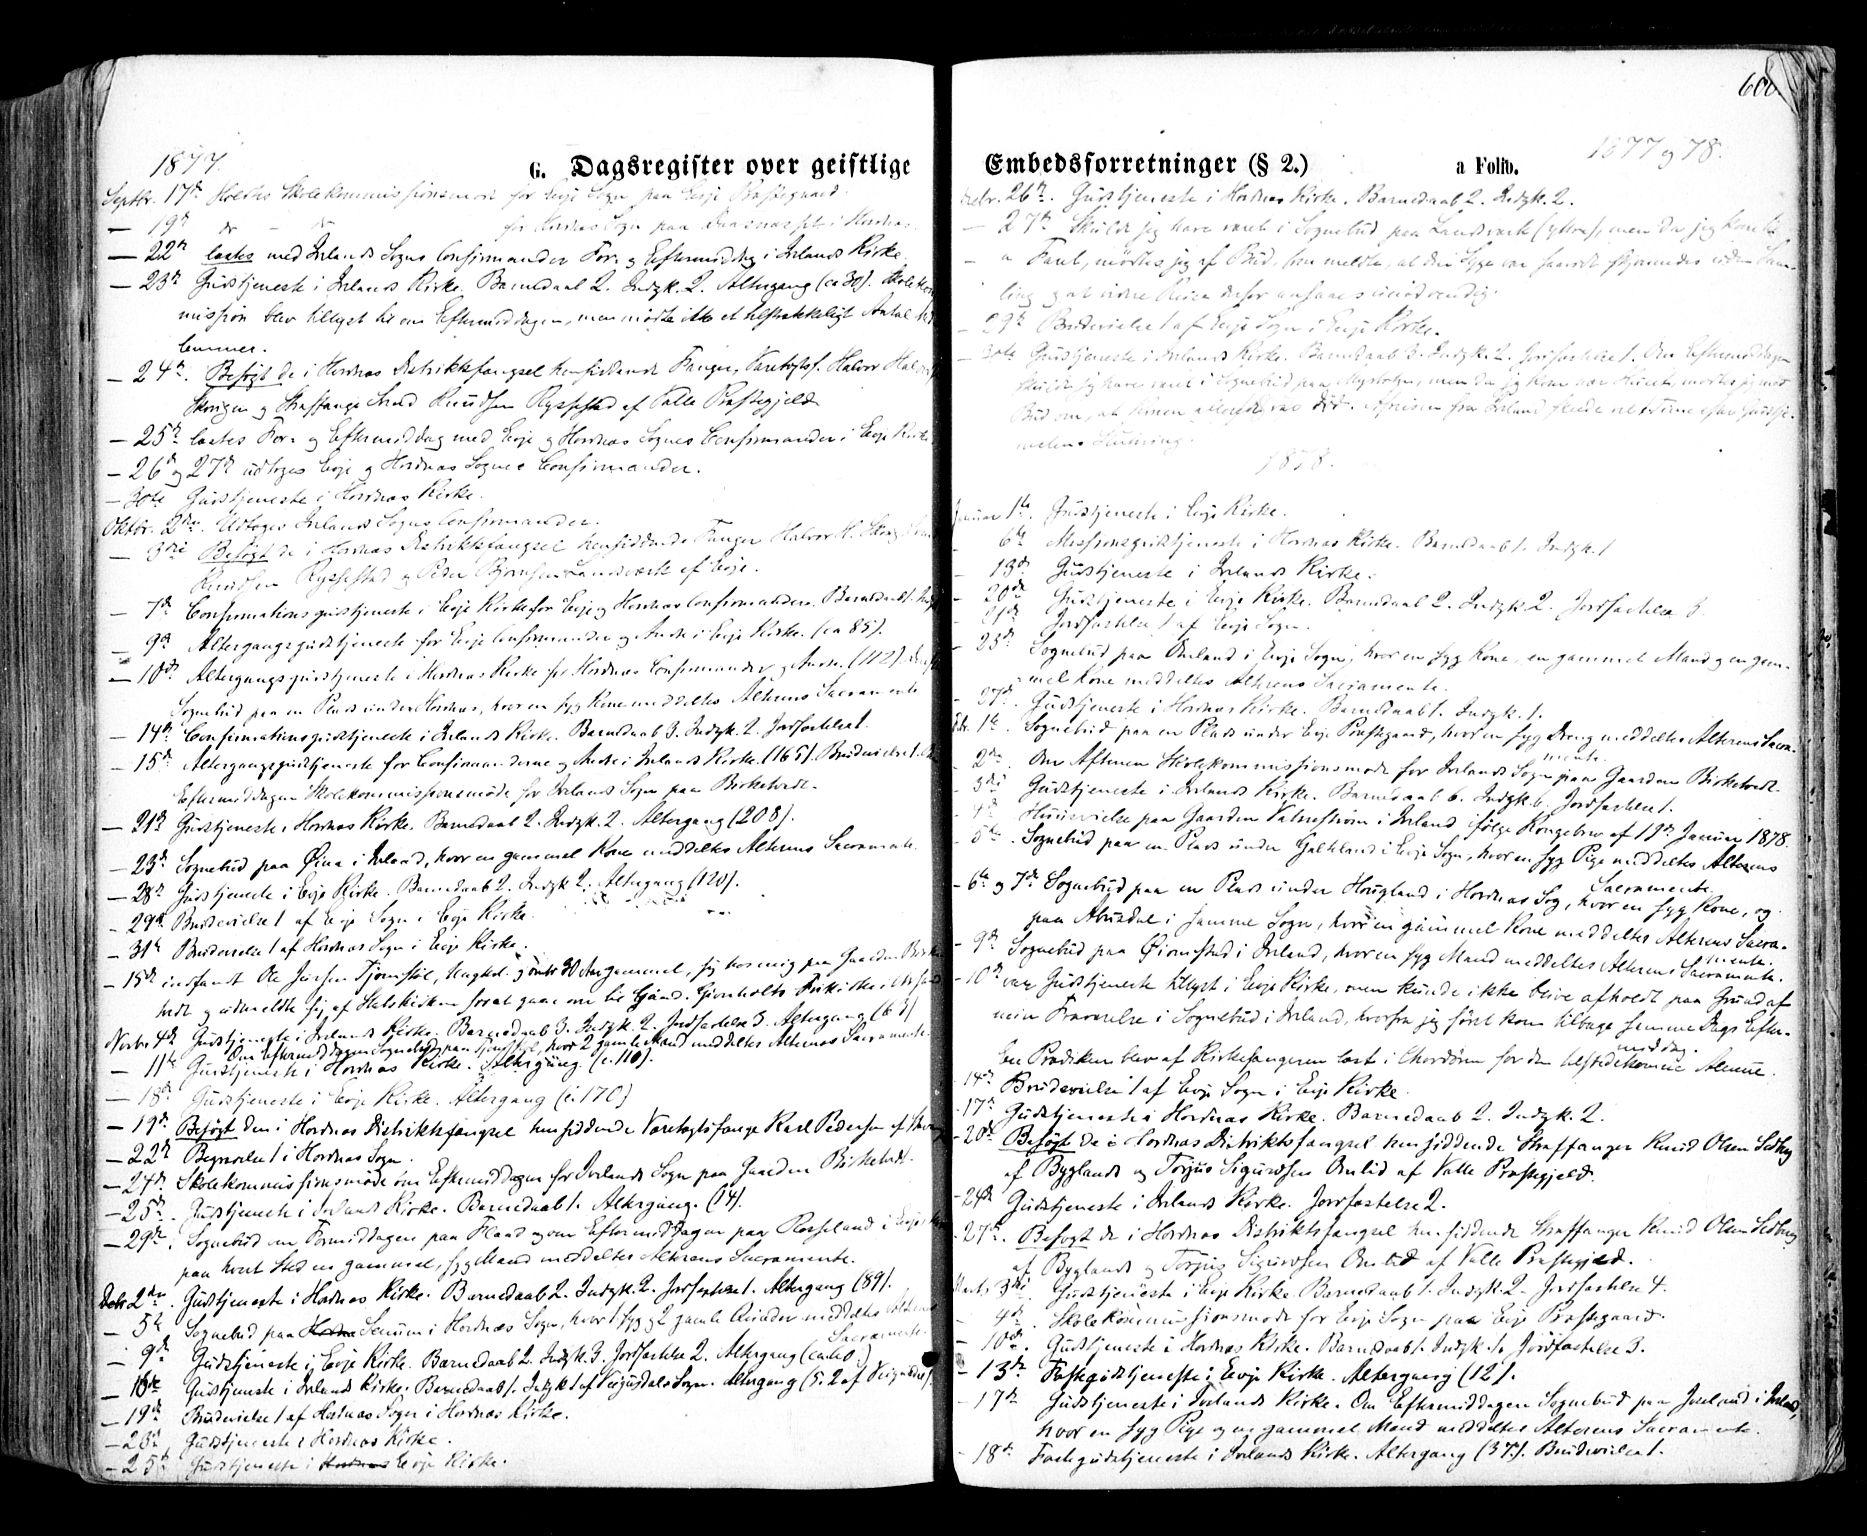 SAK, Evje sokneprestkontor, F/Fa/Faa/L0006: Ministerialbok nr. A 6, 1866-1884, s. 600